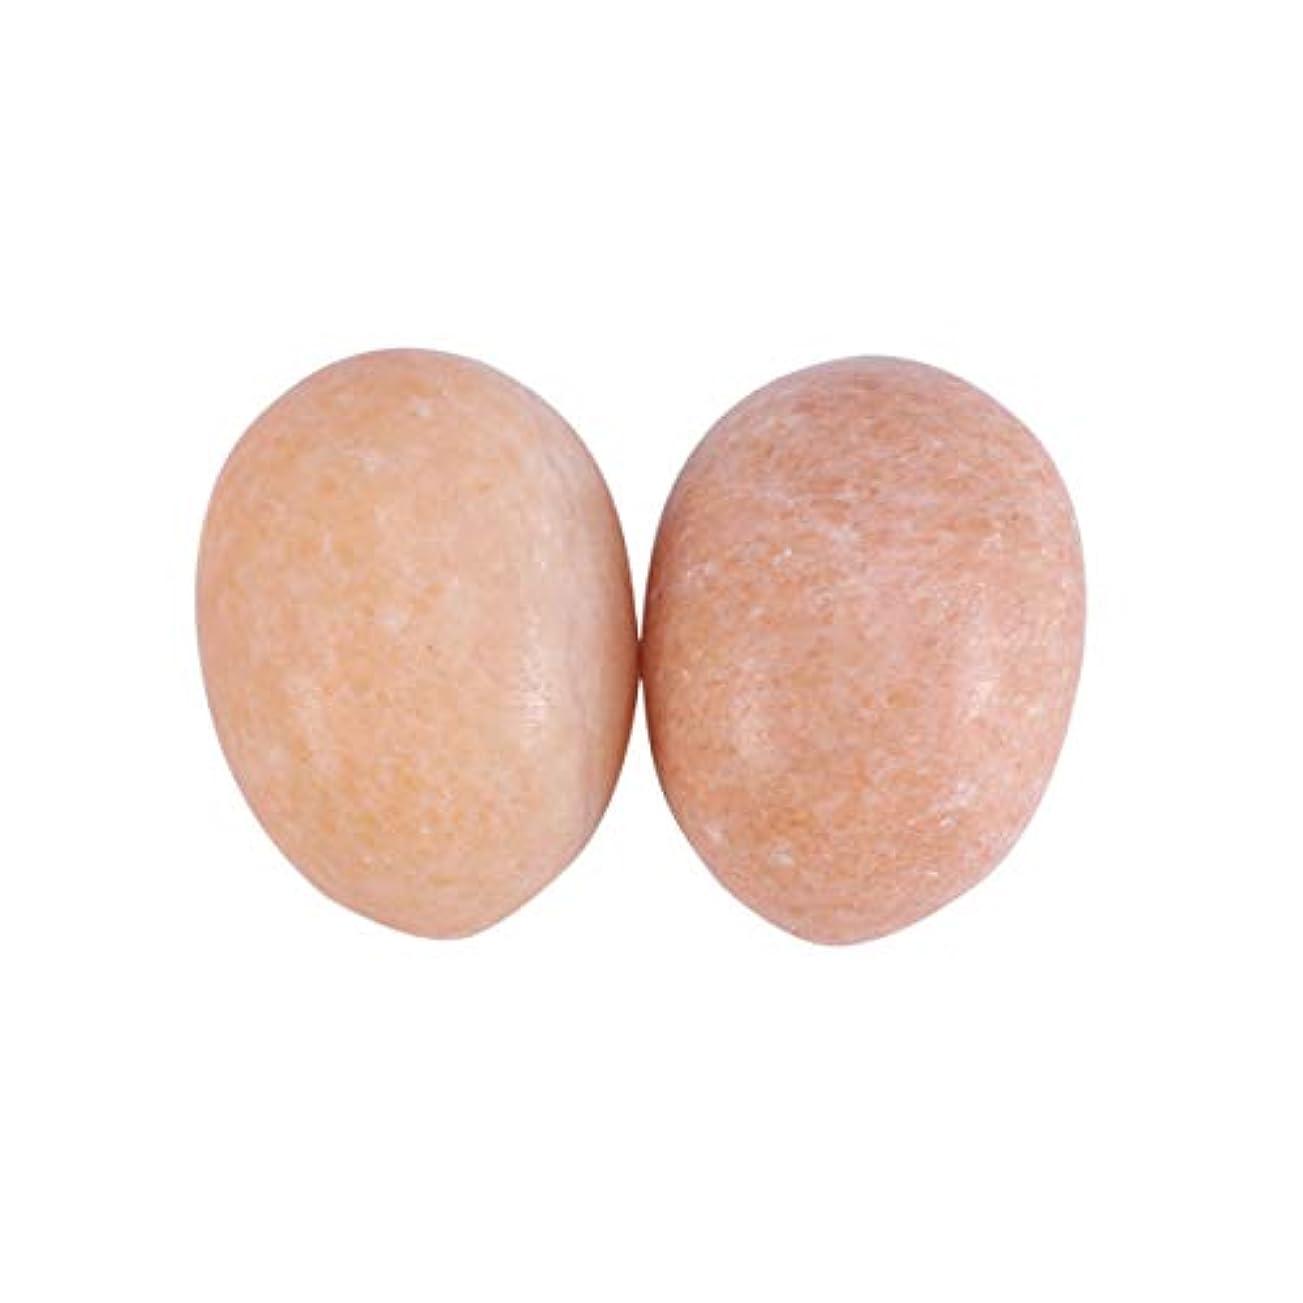 推定起きる服を着るSUPVOX 6個ネフライト玉ヨードエッグ玉ヨードマッサージストーンチャクラ骨盤筋肉の癒しの卵マッサージケゲル運動(夕焼けの赤卵)